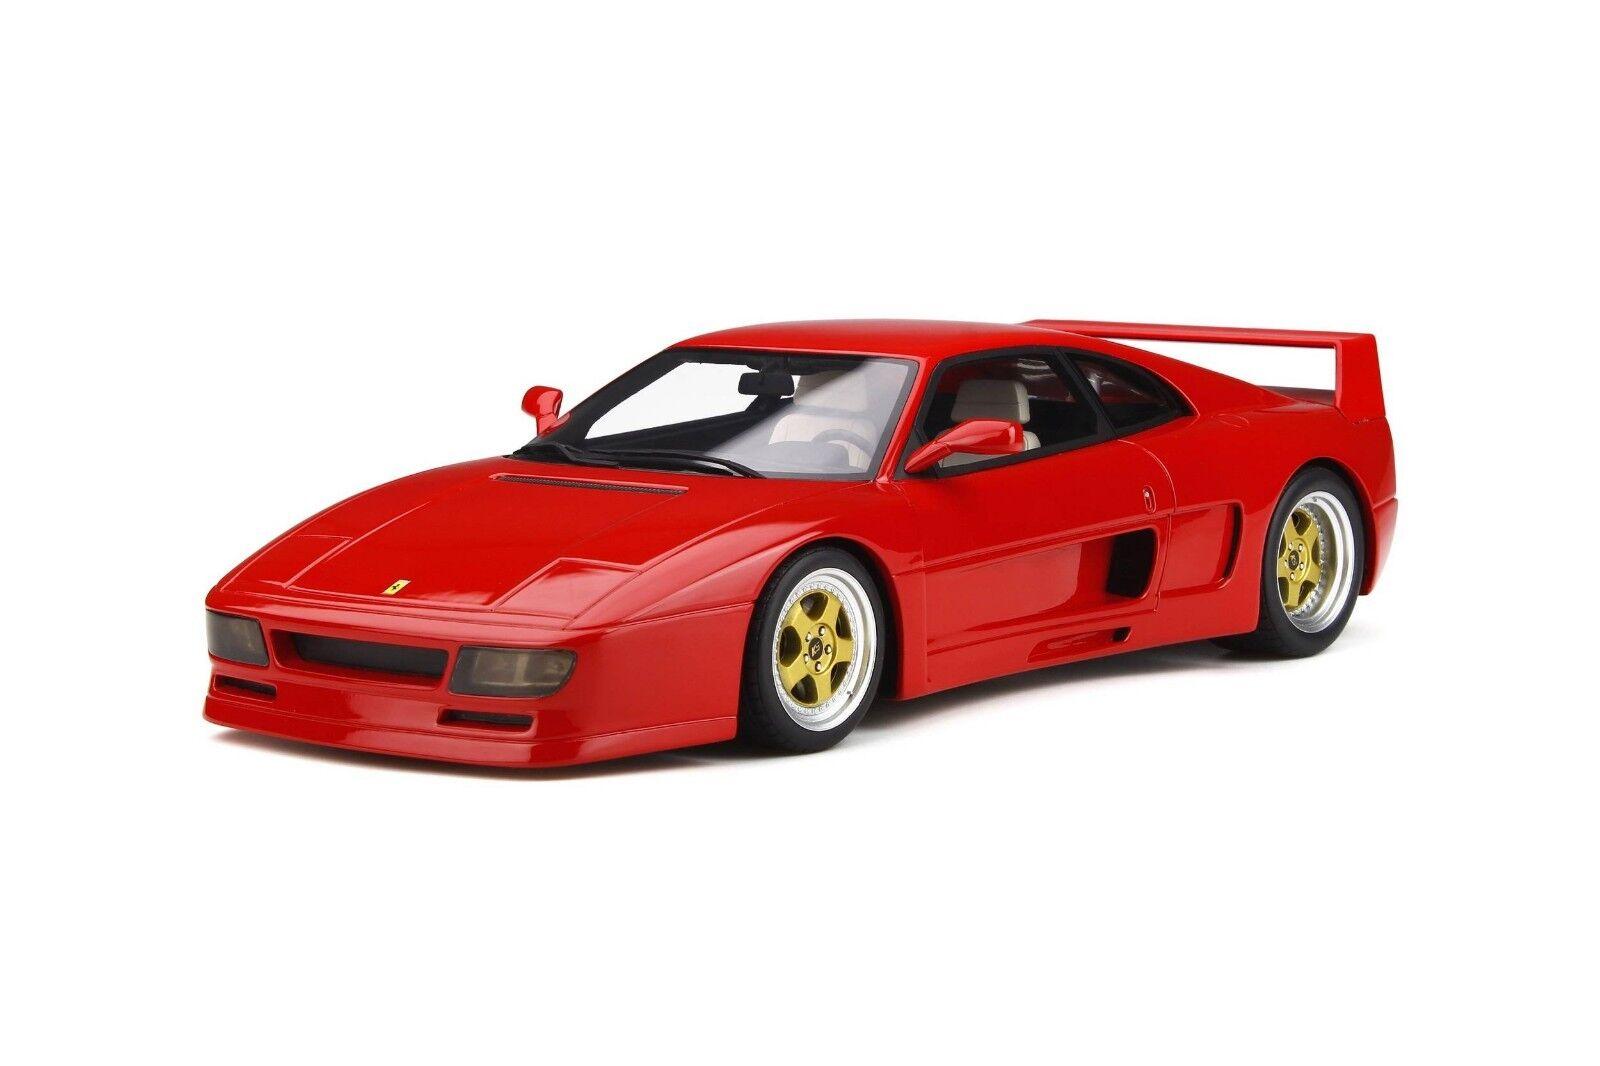 Ferrari koenig f48 rote limited edition 999 pc 1   18 - modell - auto von gt - geist gt221